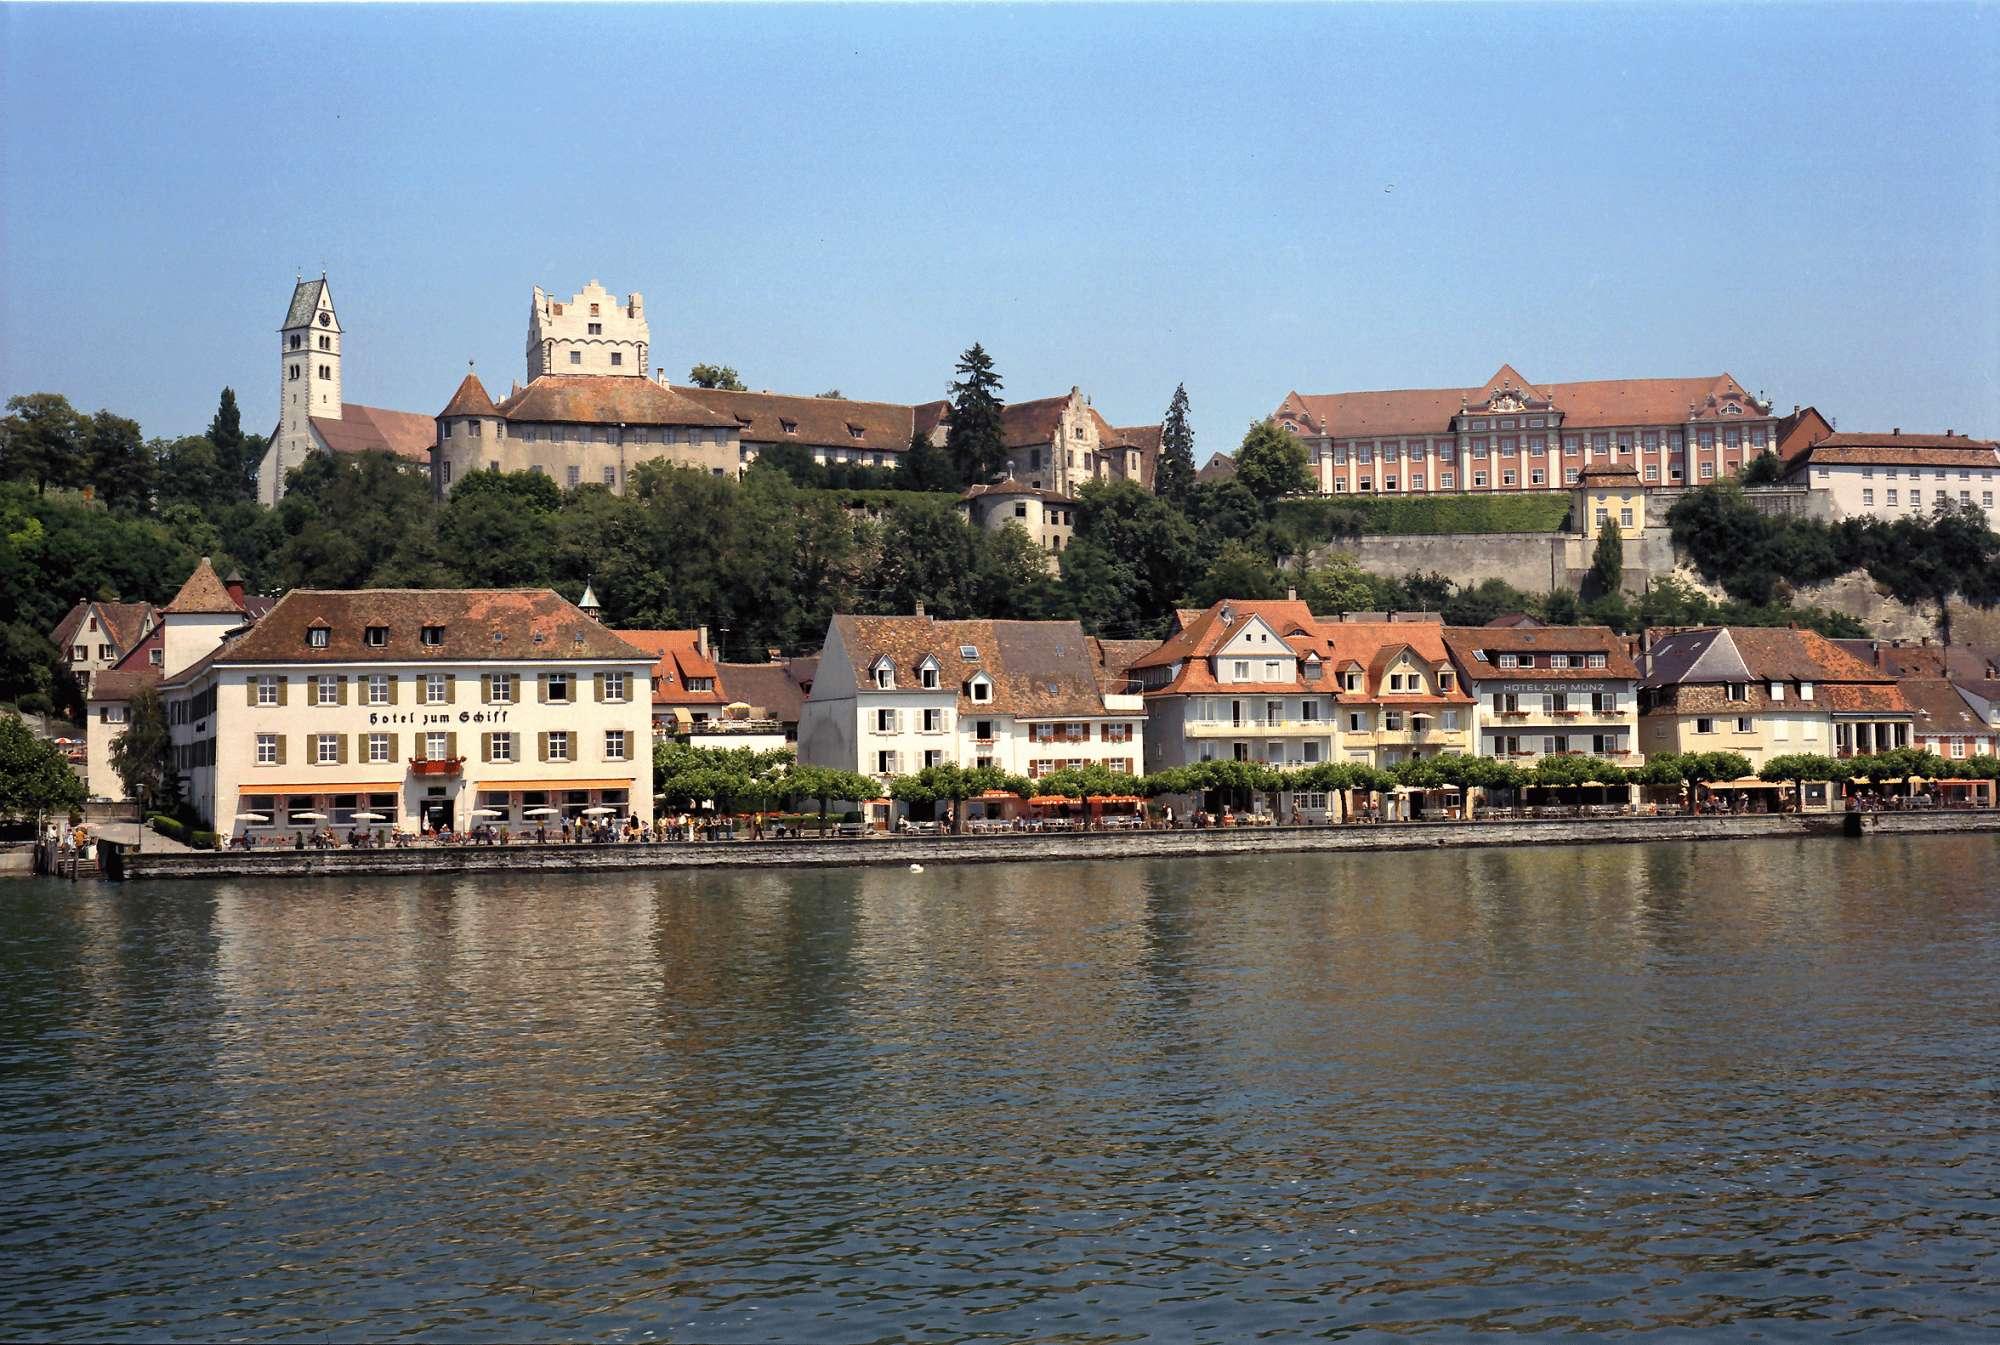 Meersburg: Vom See auf Kaipromenade und Schloss, Bild 1